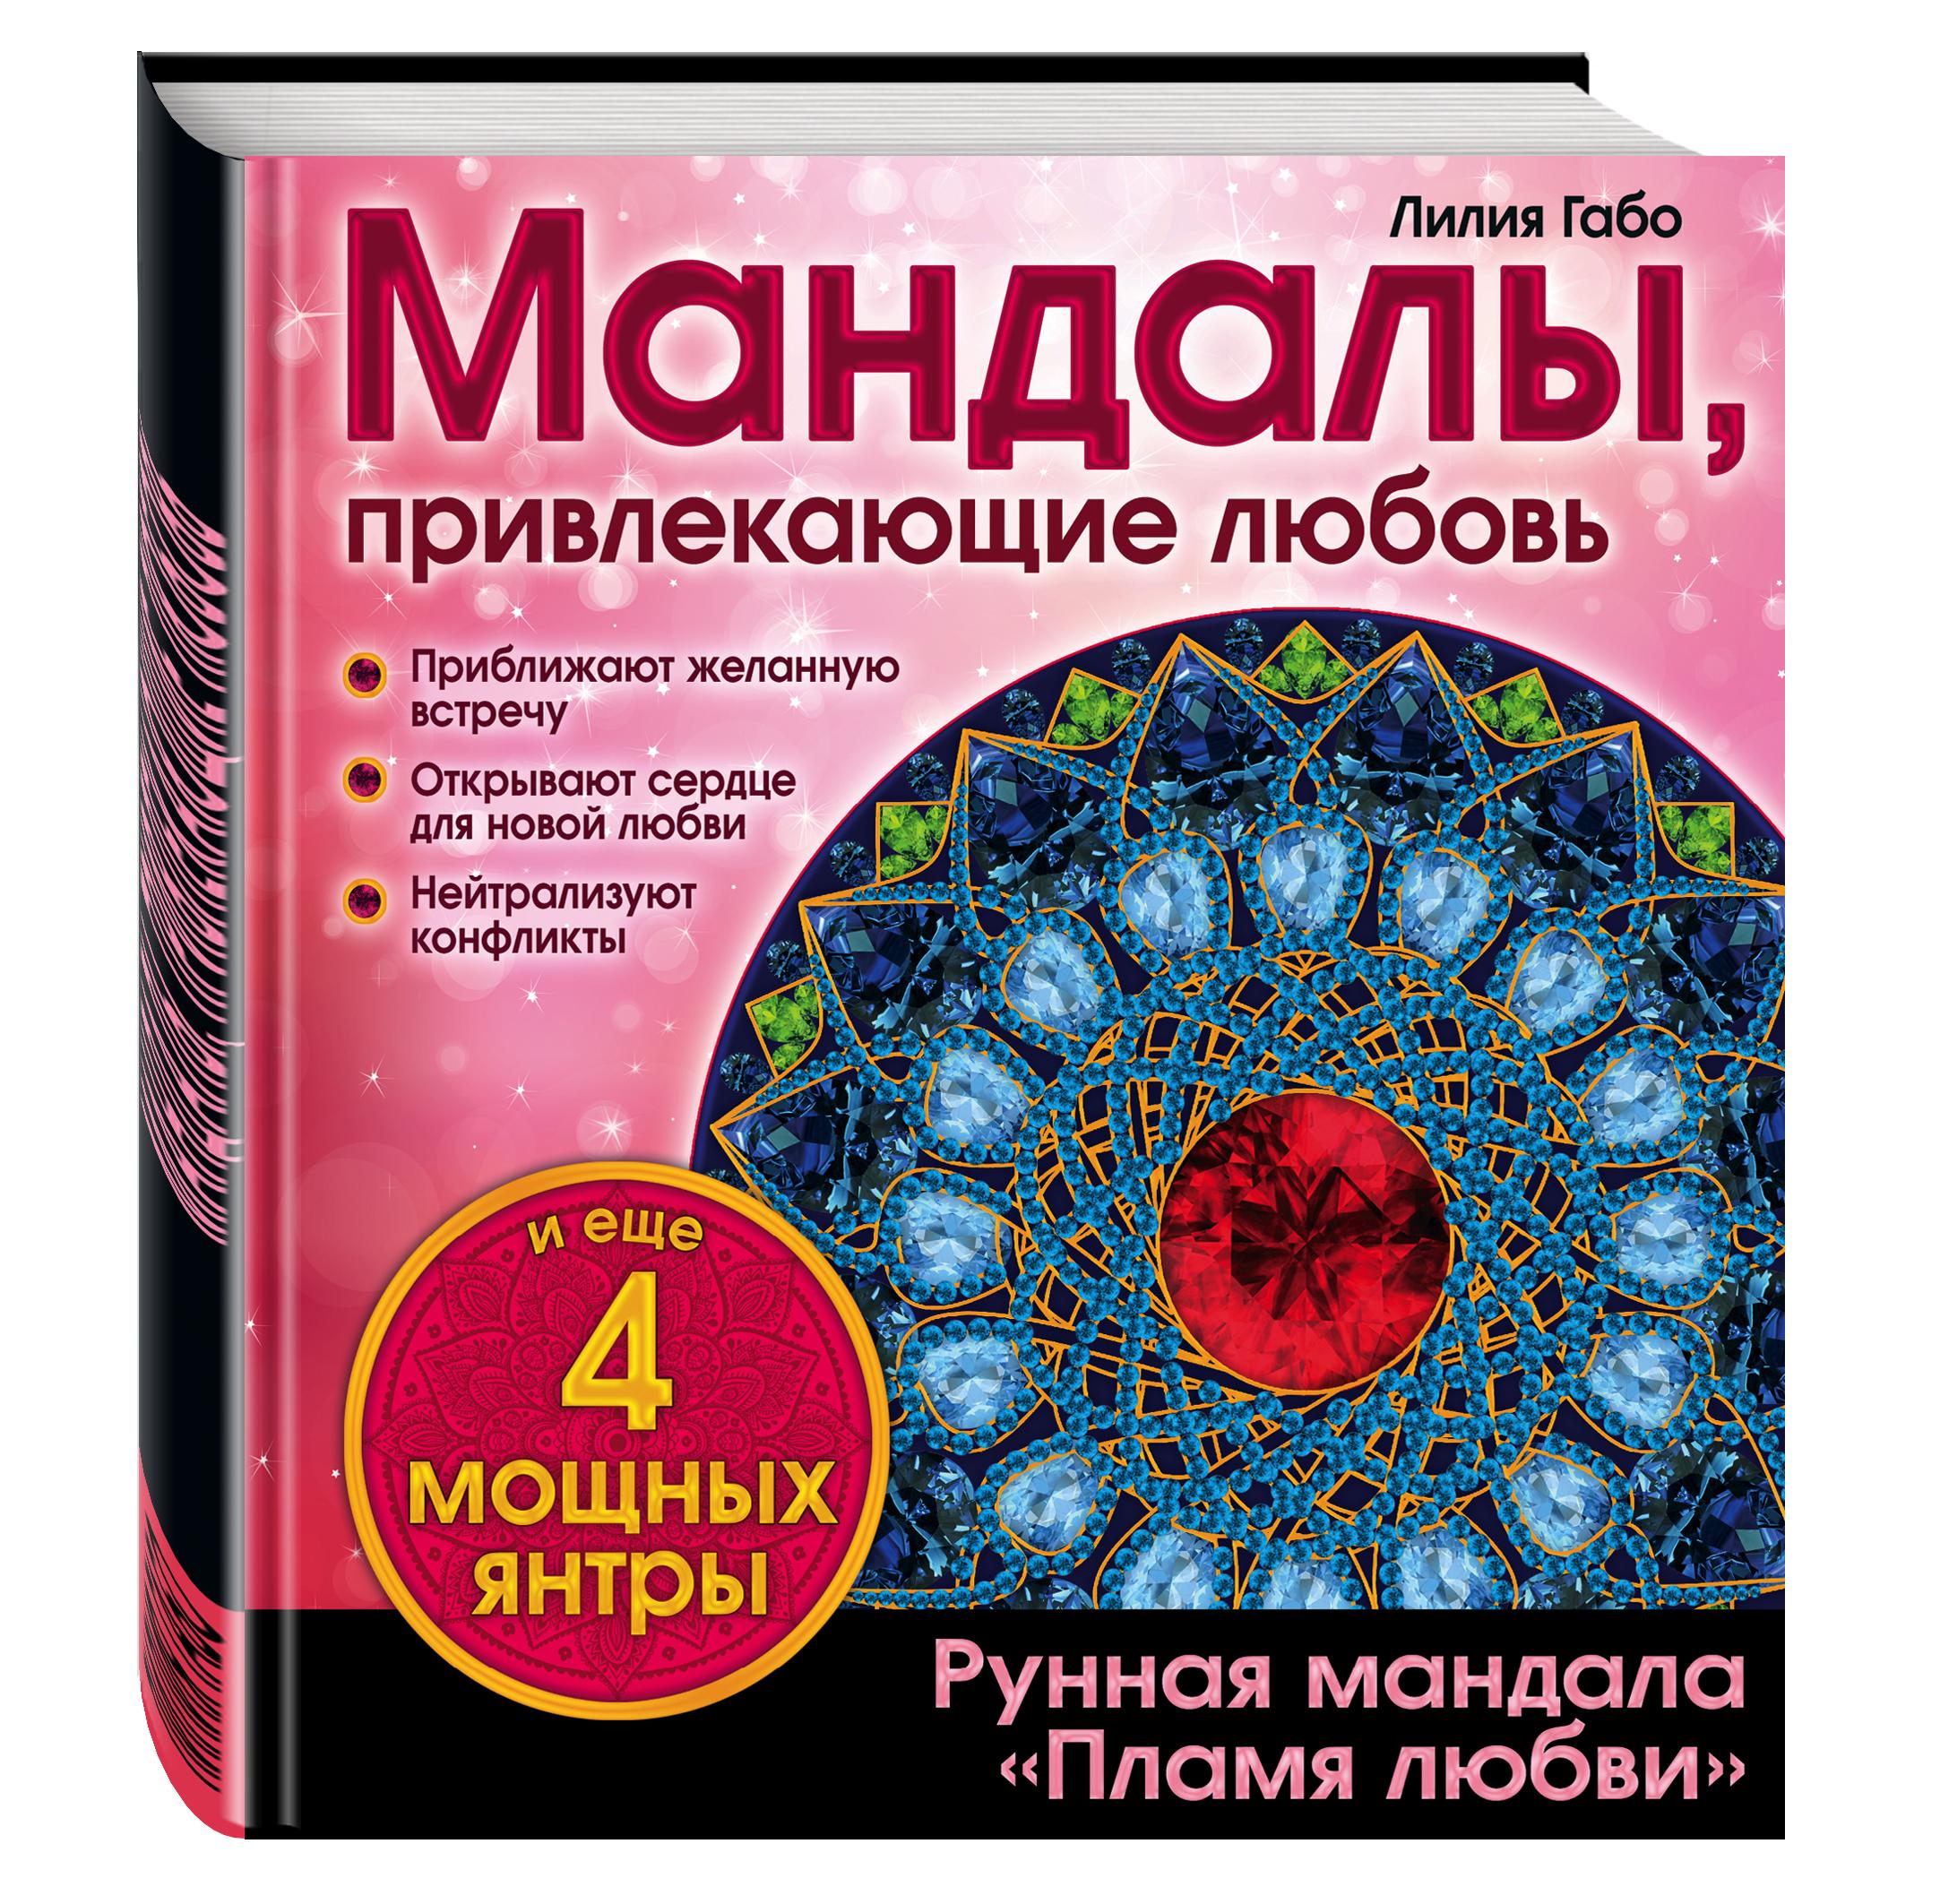 Лилия Габо Мандалы, привлекающие любовь (раскраска) мандалы с медитациями любовь